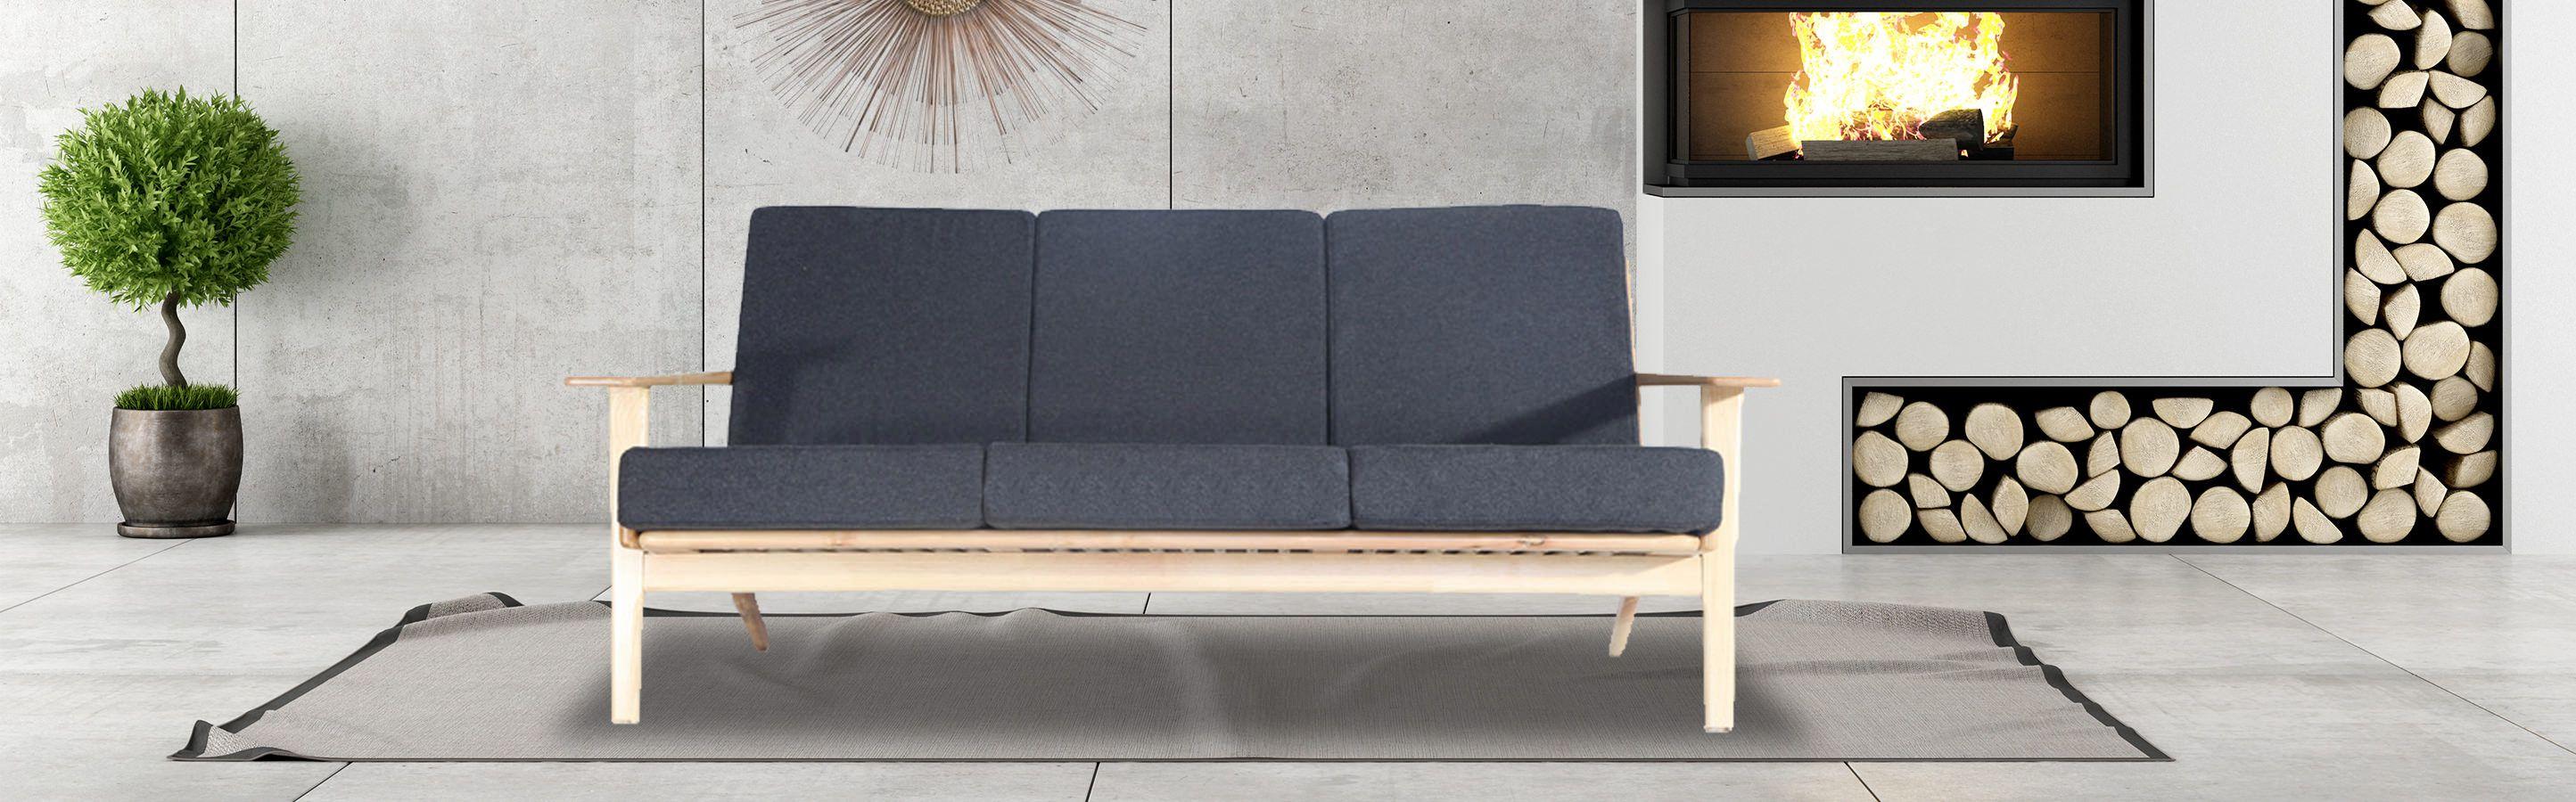 Wegner Plank Mid Century Modern Sofa